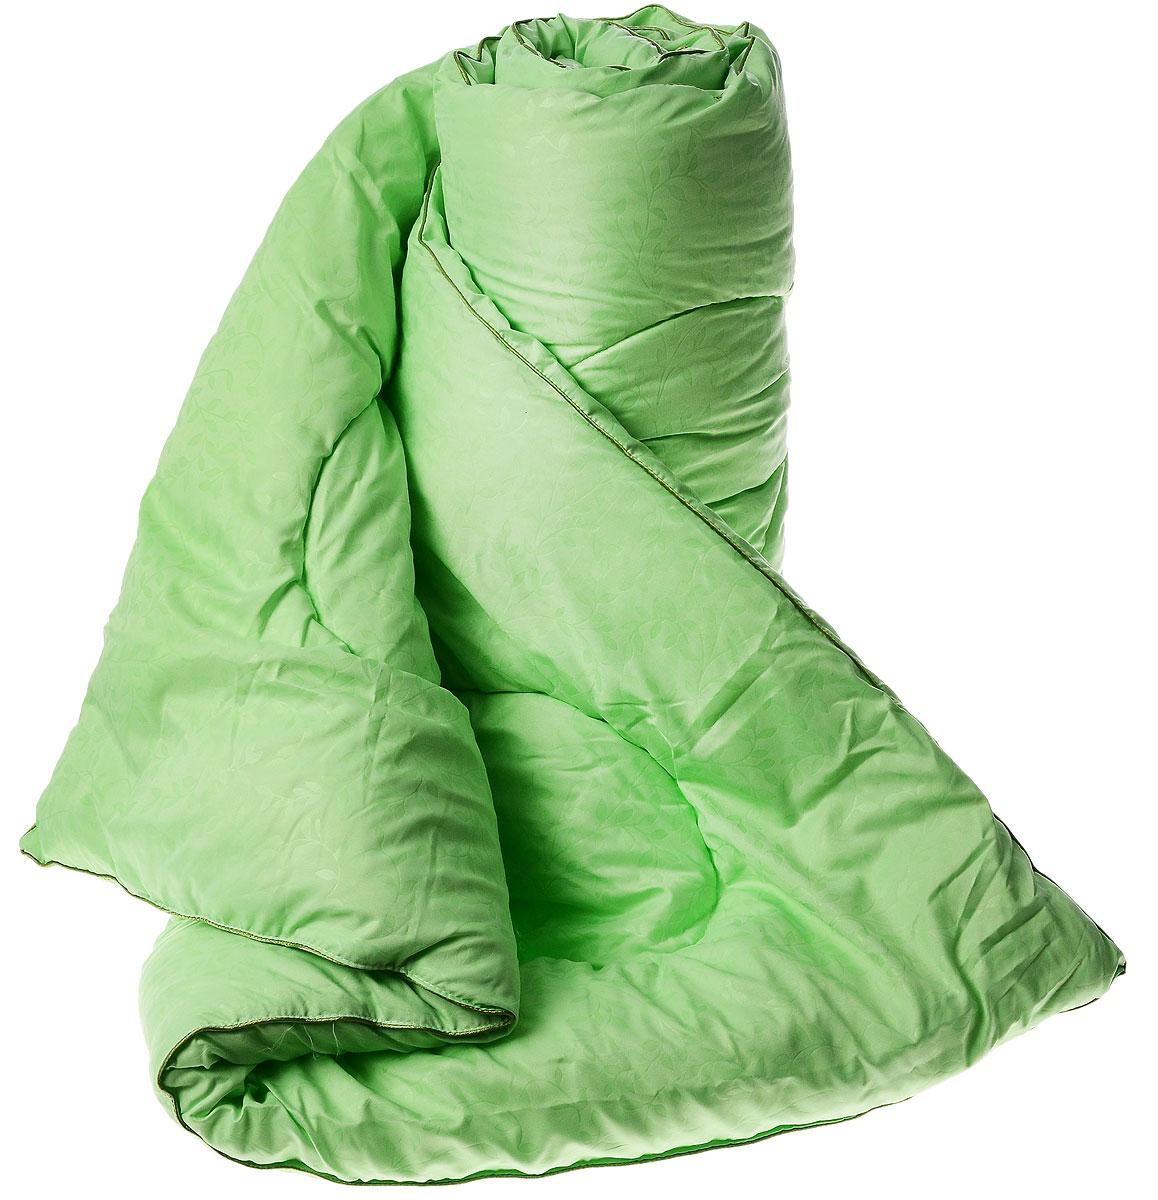 Одеяло теплое Легкие сны Тропикана, наполнитель: бамбуковое волокно, цвет: салатовый, 140 х 205 см140(40)07-БВ_салатовыйТеплое одеяло Легкие сны Тропикана с наполнителем из бамбукового волокна расслабит, снимет усталость и подарит вам спокойный и здоровый сон. Волокно бамбука - это натуральный материал, добываемый из стеблей растения. Он обладает способностью быстро впитывать и испарять влагу, а также антибактериальными свойствами, что препятствует появлению пылевых клещей и болезнетворных бактерий. Изделия с наполнителем из бамбука легко пропускают воздух. Они отличаются превосходными дезодорирующими свойствами, мягкие, легкие, простые в уходе, гипоаллергенные и подходят абсолютно всем. Чехол одеяла выполнен из микрофибры белого цвета с тиснением в виде растительного рисунка. Одеяло простегано и окантовано. Стежка надежно удерживает наполнитель внутри и не позволяет ему скатываться. Можно стирать в стиральной машине.Плотность наполнителя: 300 г/м2.